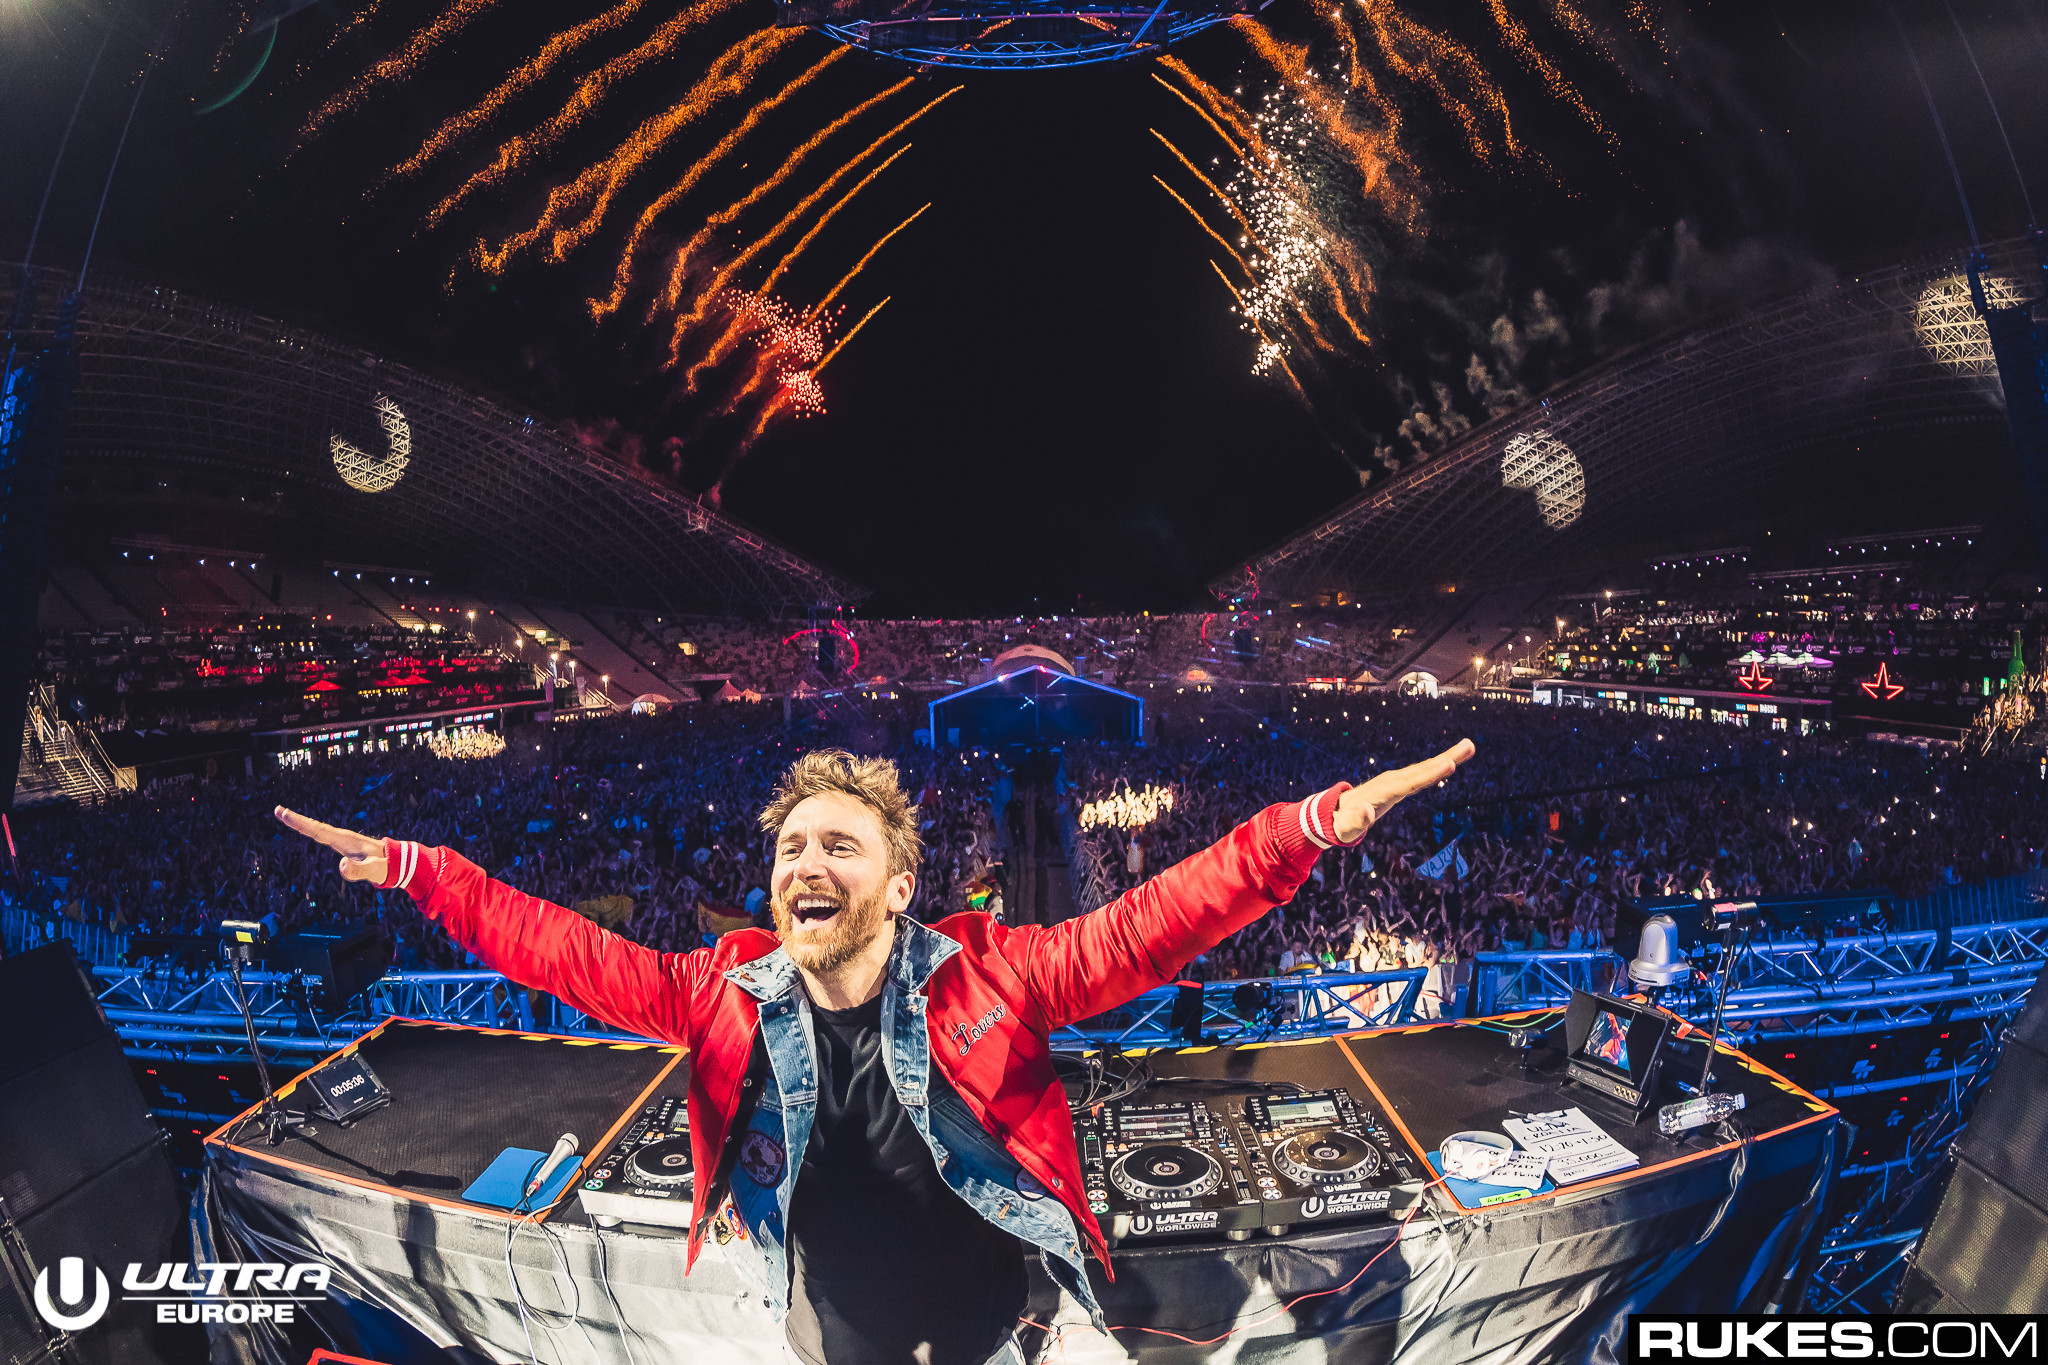 David Guetta Miami Ultra Music Festival 2019 ile ilgili görsel sonucu